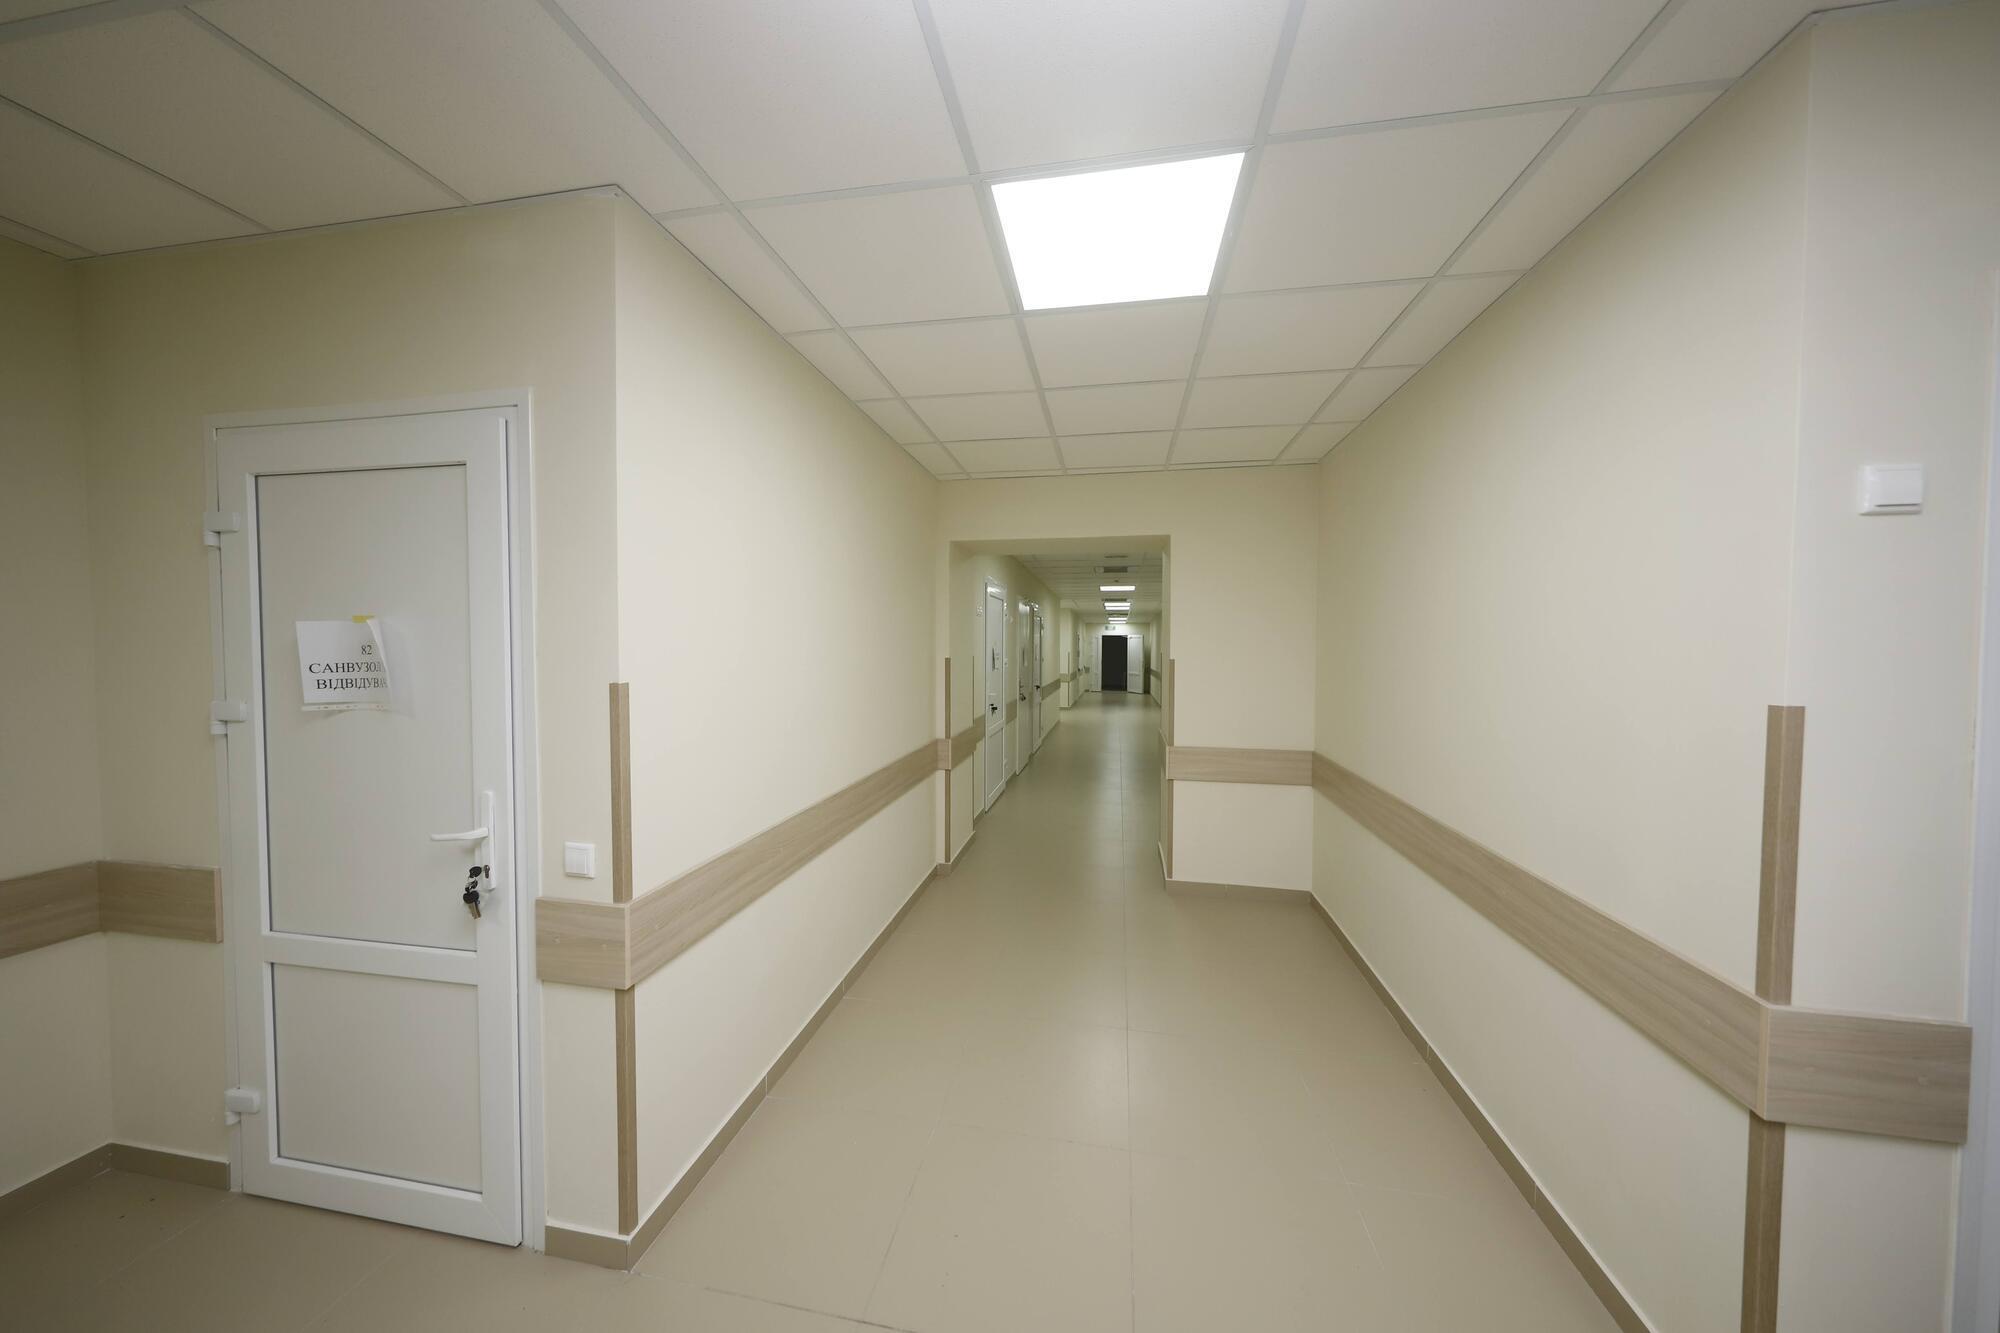 Новое отделение будет иметь комфортные условия для пациентов и медицинского персонала